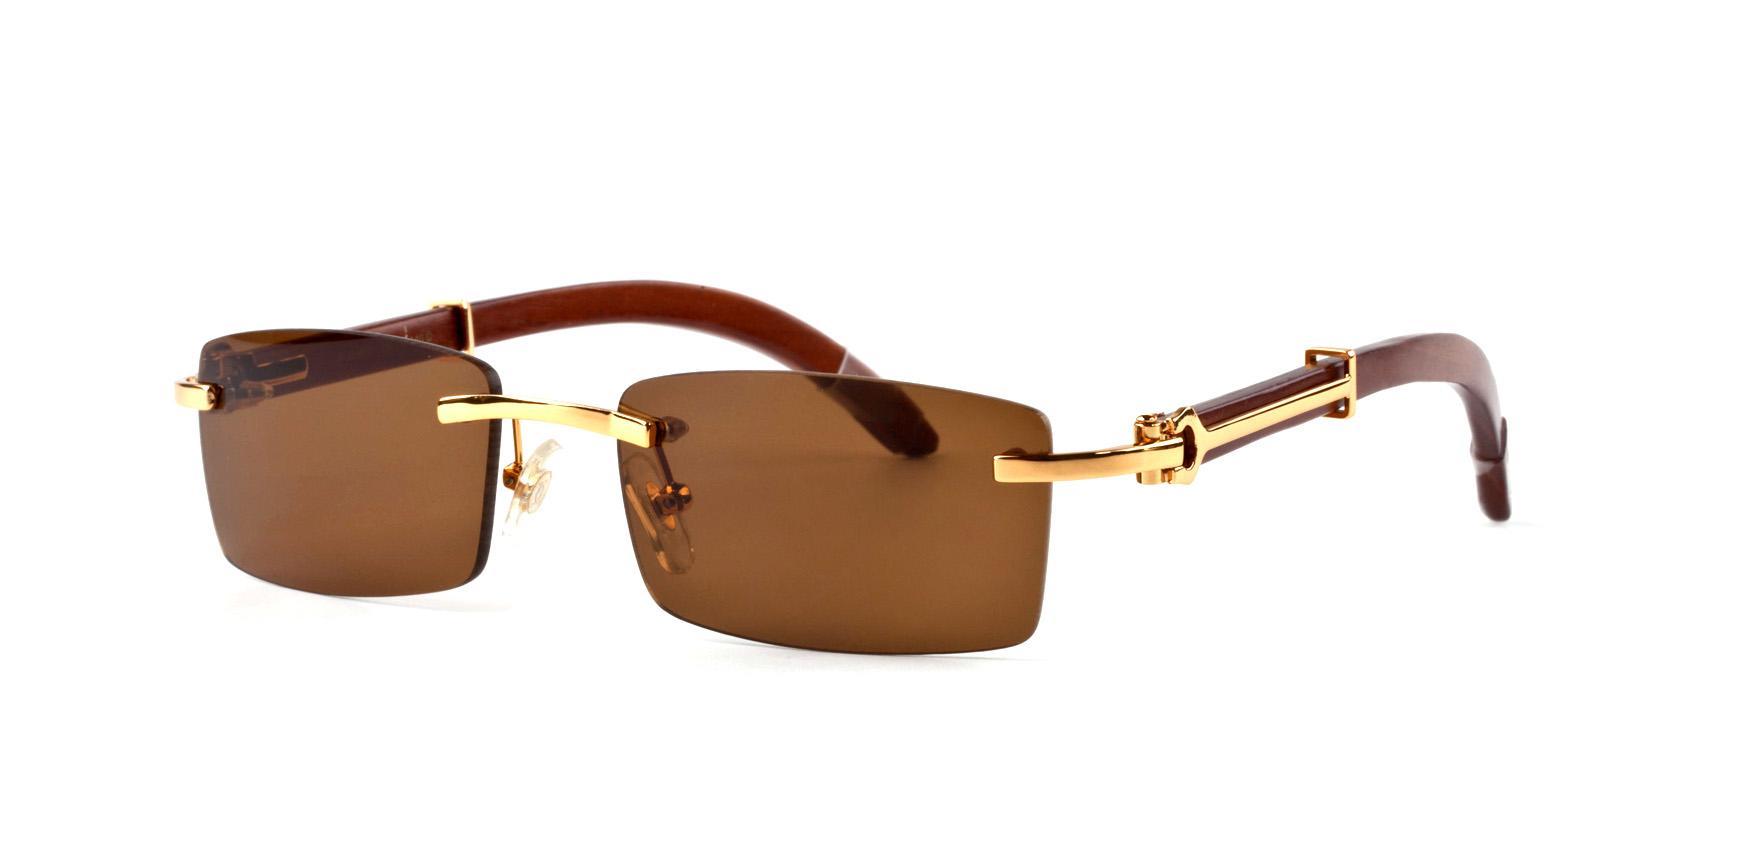 Luxo-Nova chegada 2018 óculos de sol da marca para as mulheres dos homens óculos chifre de búfalo sem aro designer de madeira de bambu óculos de sol com caixa caixa lunettes